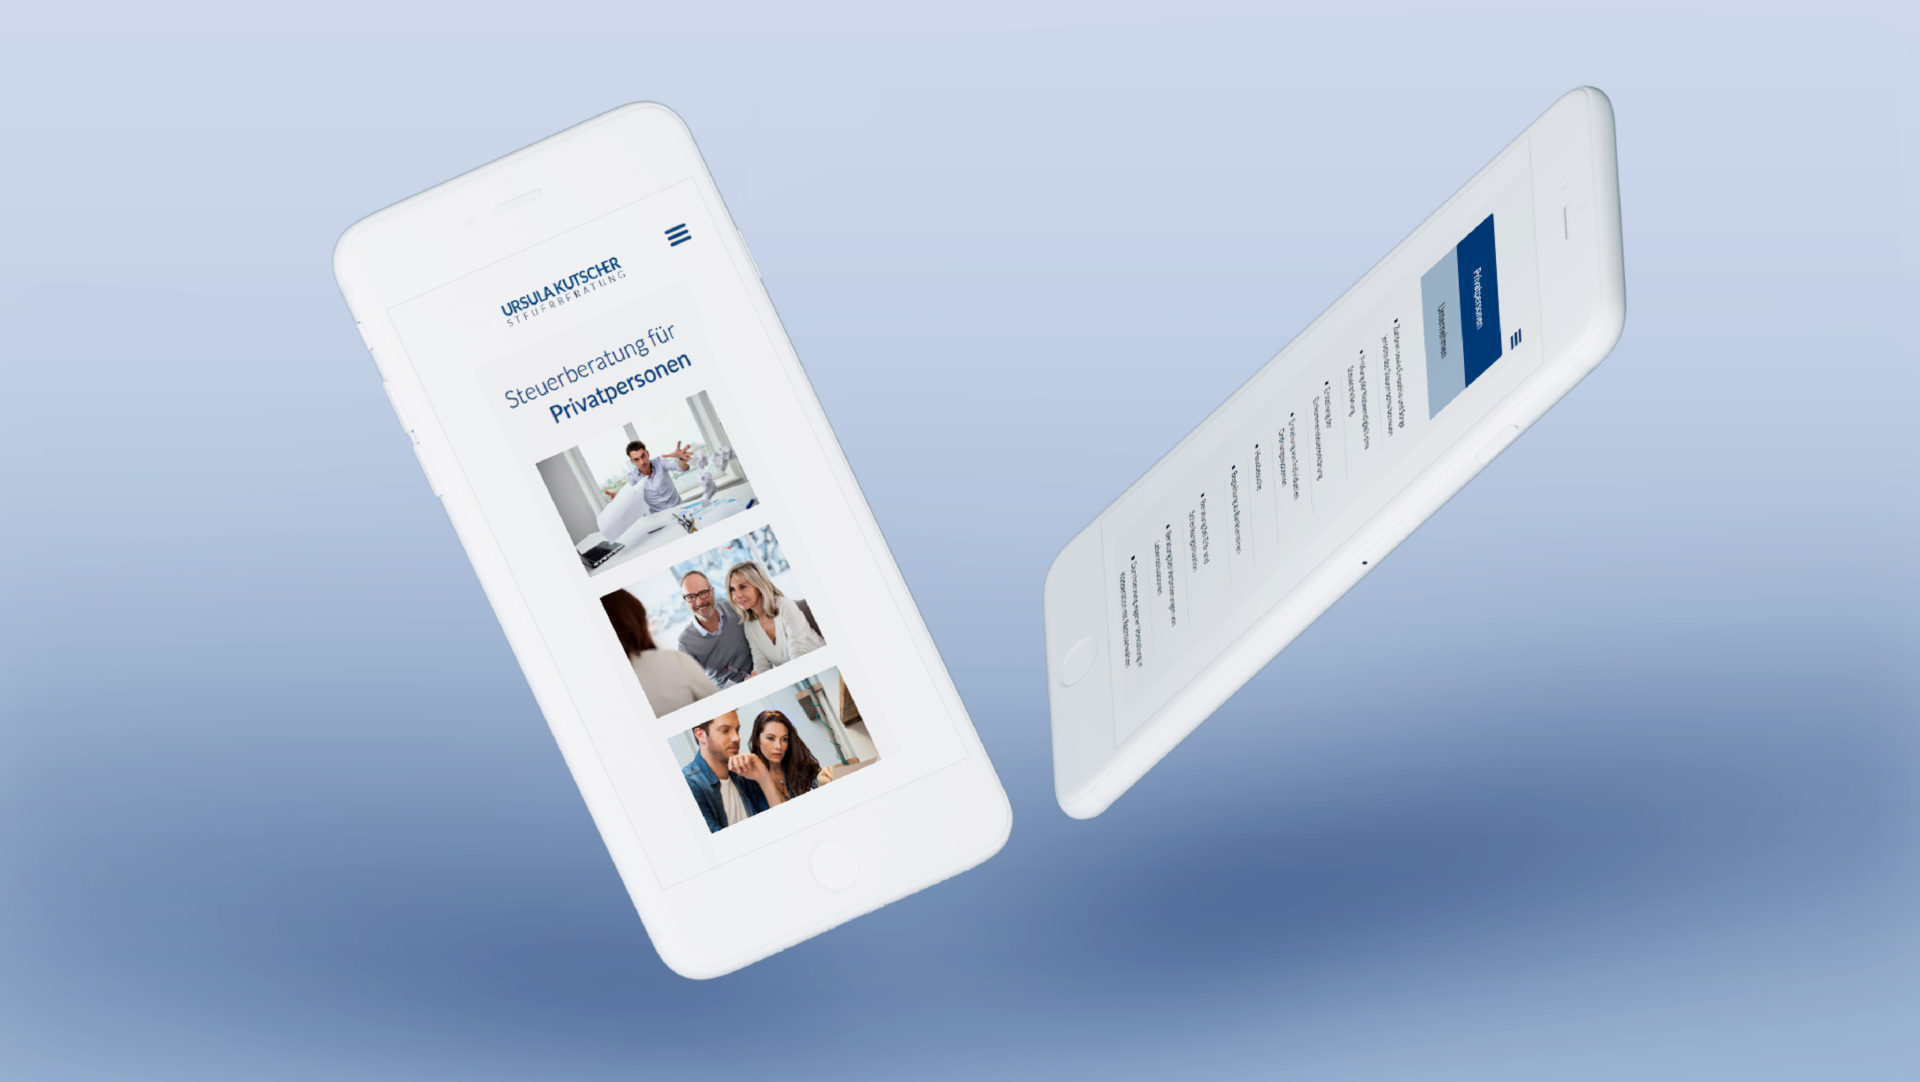 Stb Kutscher Referenz 2 Mobile Responsive Webdesign